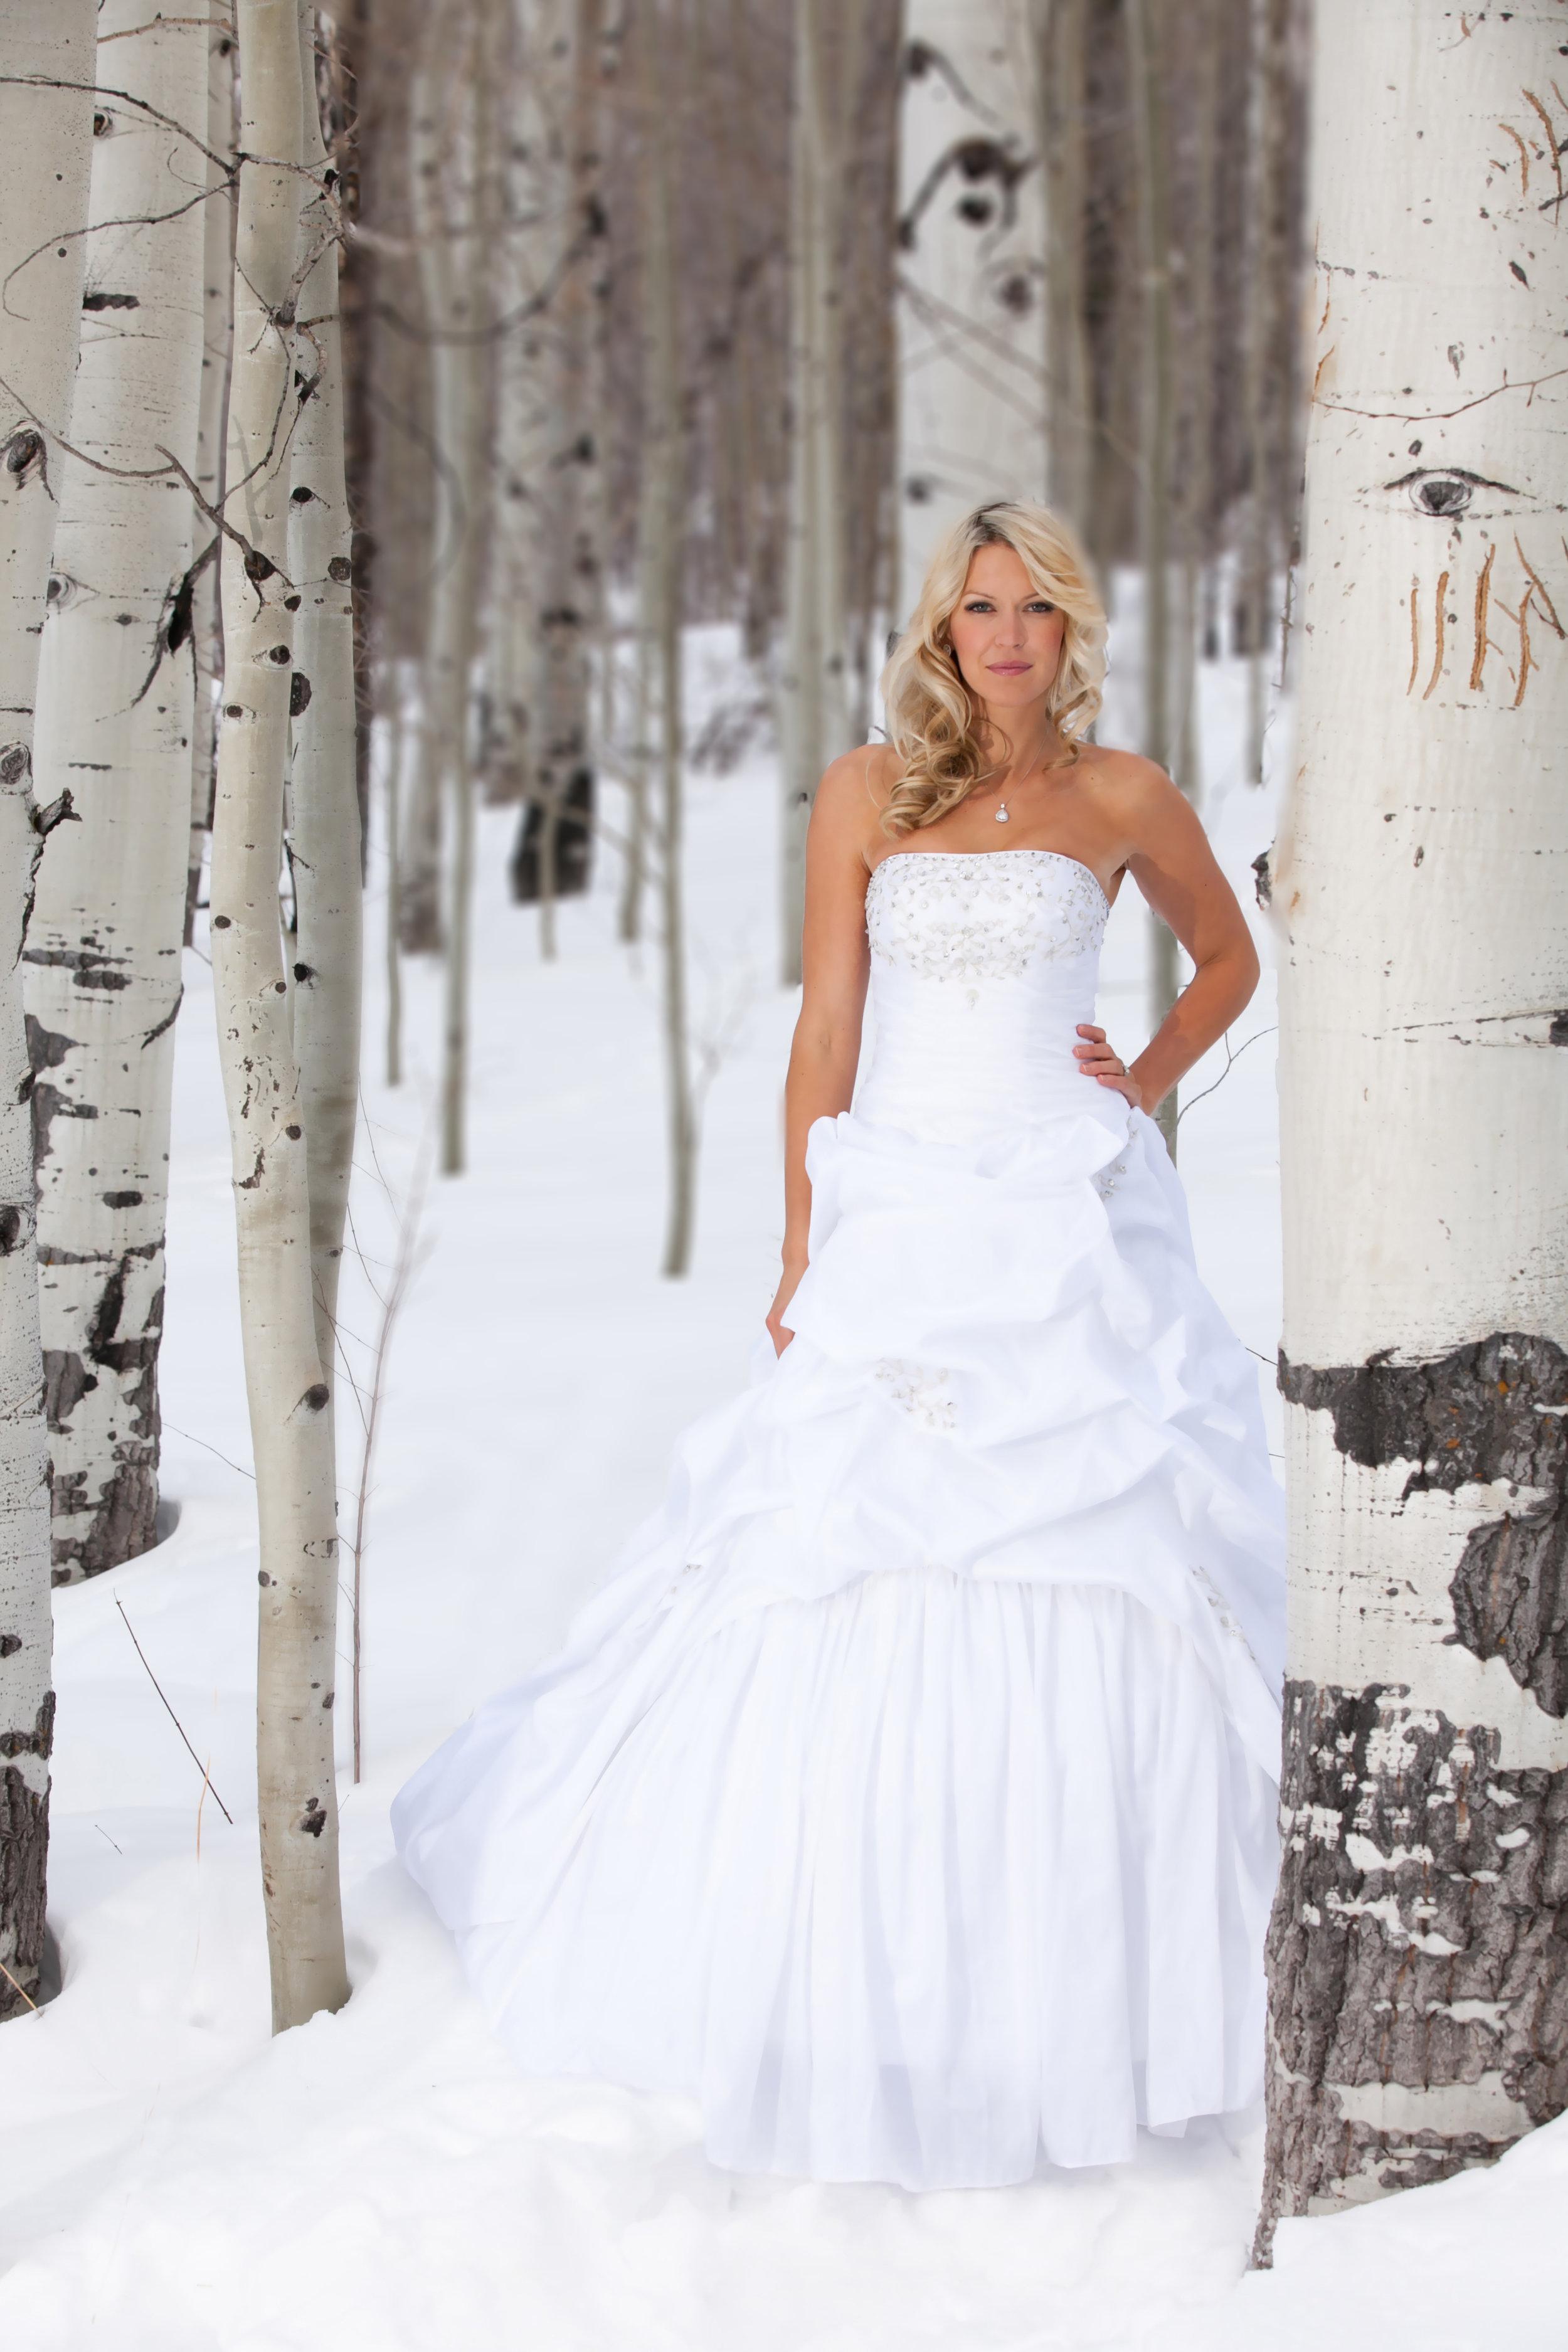 Vail-Colorado-weddings-axelphoto.jpg